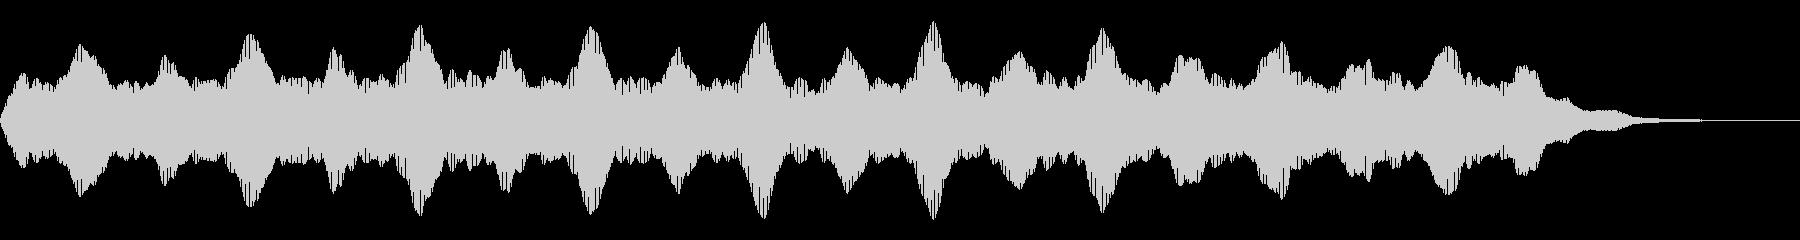 ブーン:不穏なイメージのシンセベースの未再生の波形